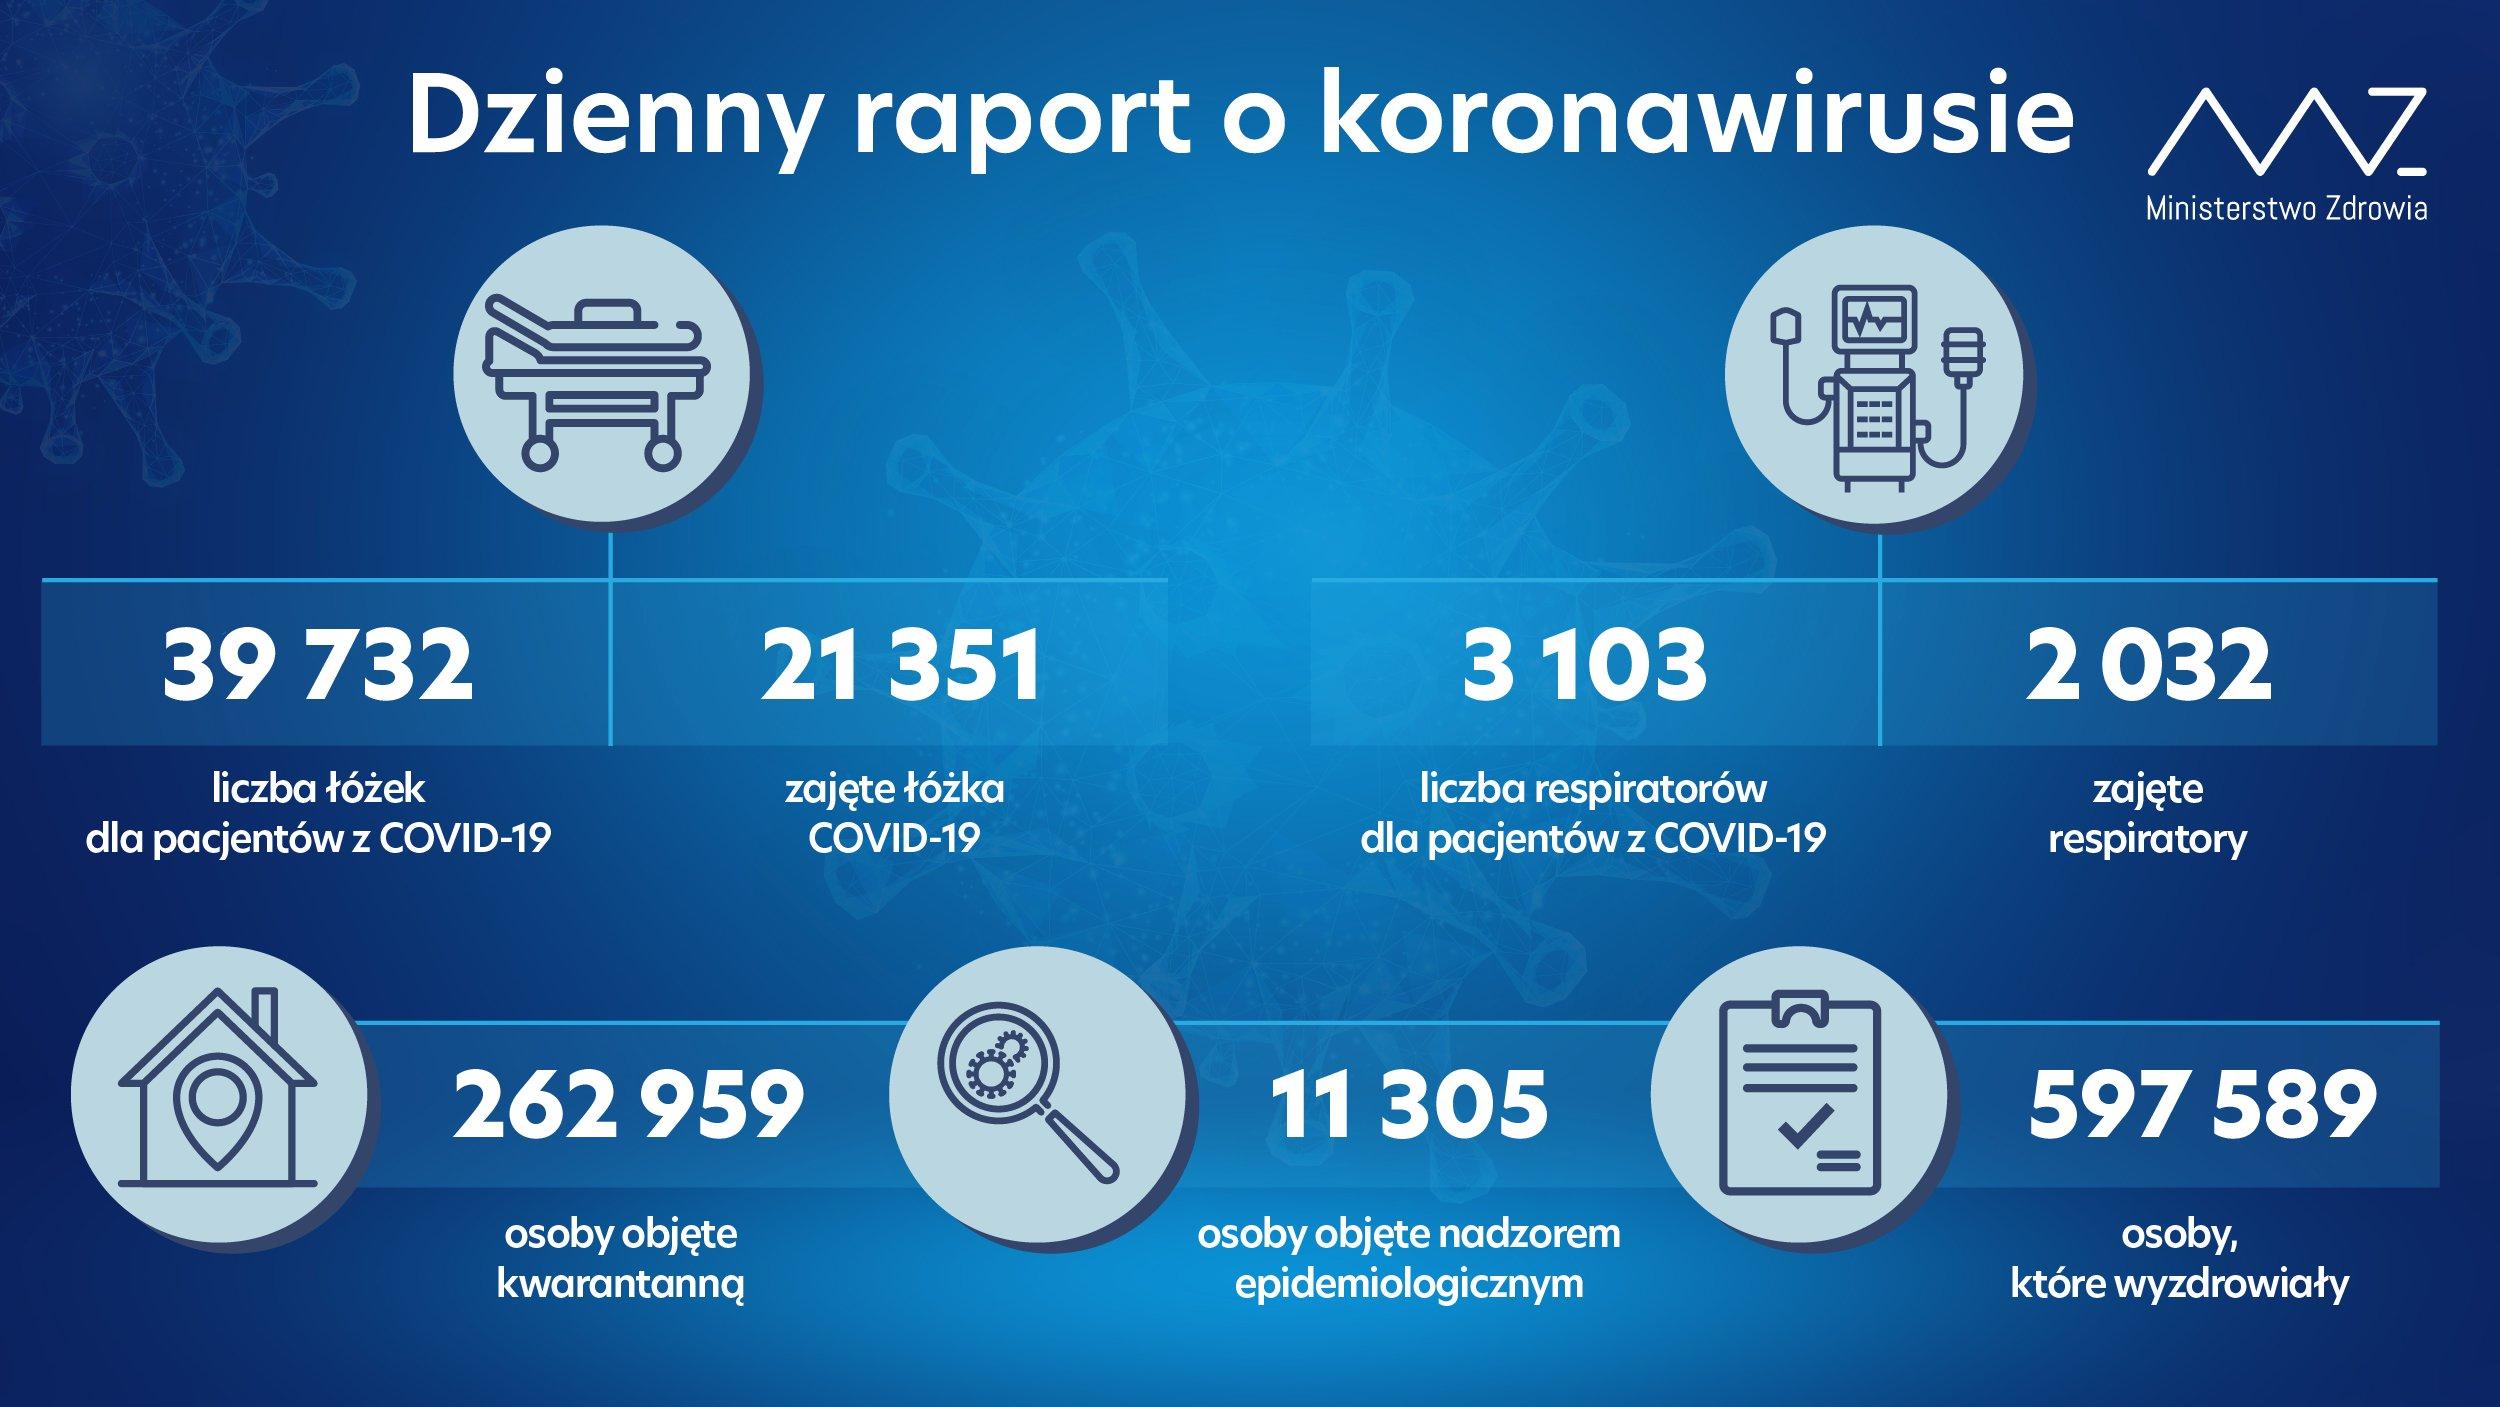 - liczba łóżek dla pacjentów z COVID-19: 39 732 - liczba łóżek zajętych: 21 351 - liczba respiratorów dla pacjentów z COVID-19: 3 103 - liczba zajętych respiratorów: 2 032 - liczba osób objętych kwarantanną: 262 959 - liczba osób objętych nadzorem sanitarno-epidemiologicznym: 11 305 - liczba osób, które wyzdrowiały: 597 589